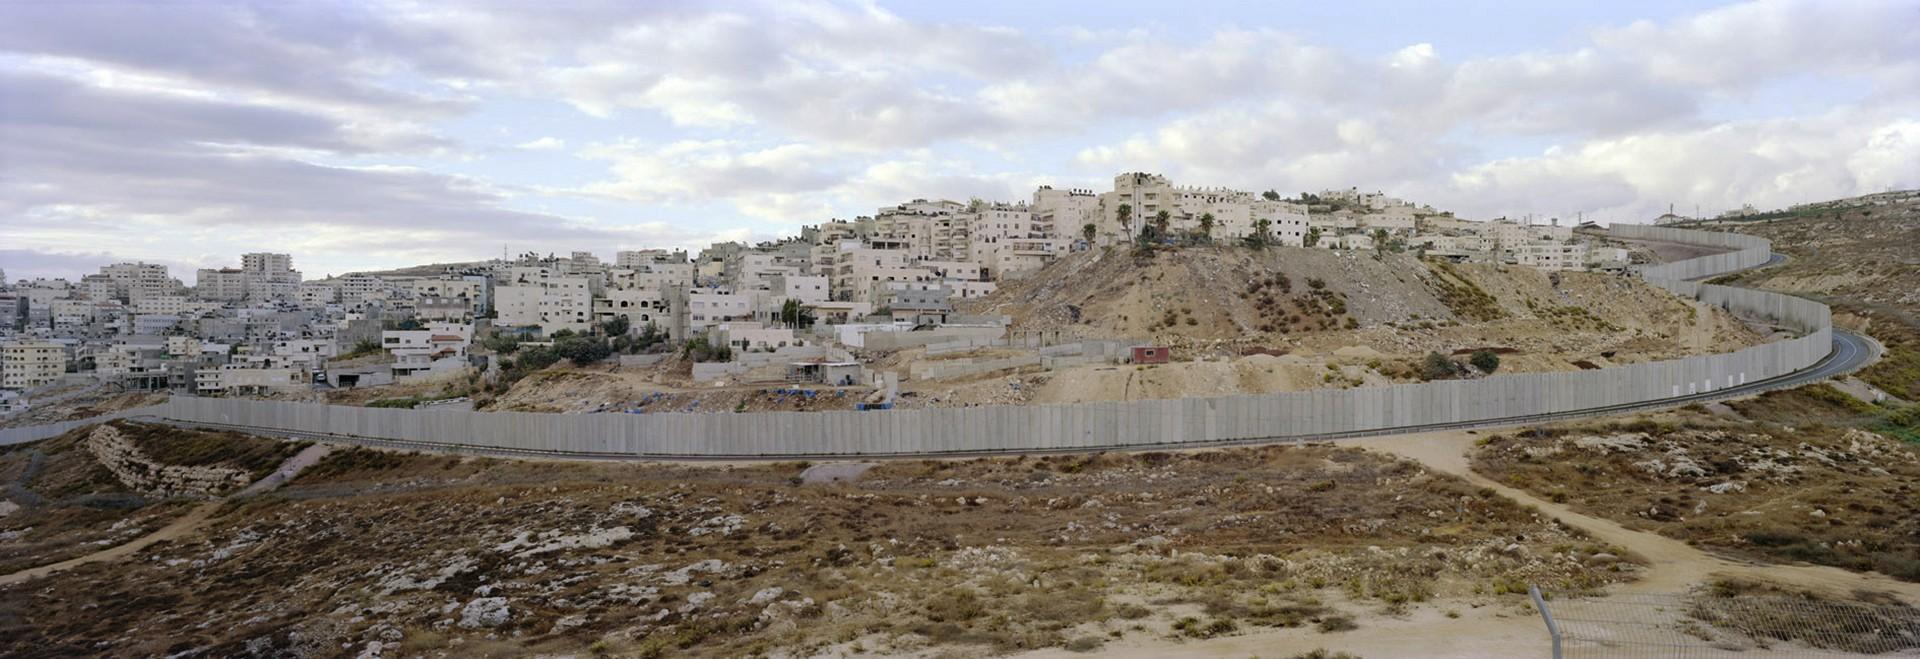 De muur in Jeruzalem die Israël scheidt van de Palestijnse gebieden. Foto: Kai Wiedenhöfer